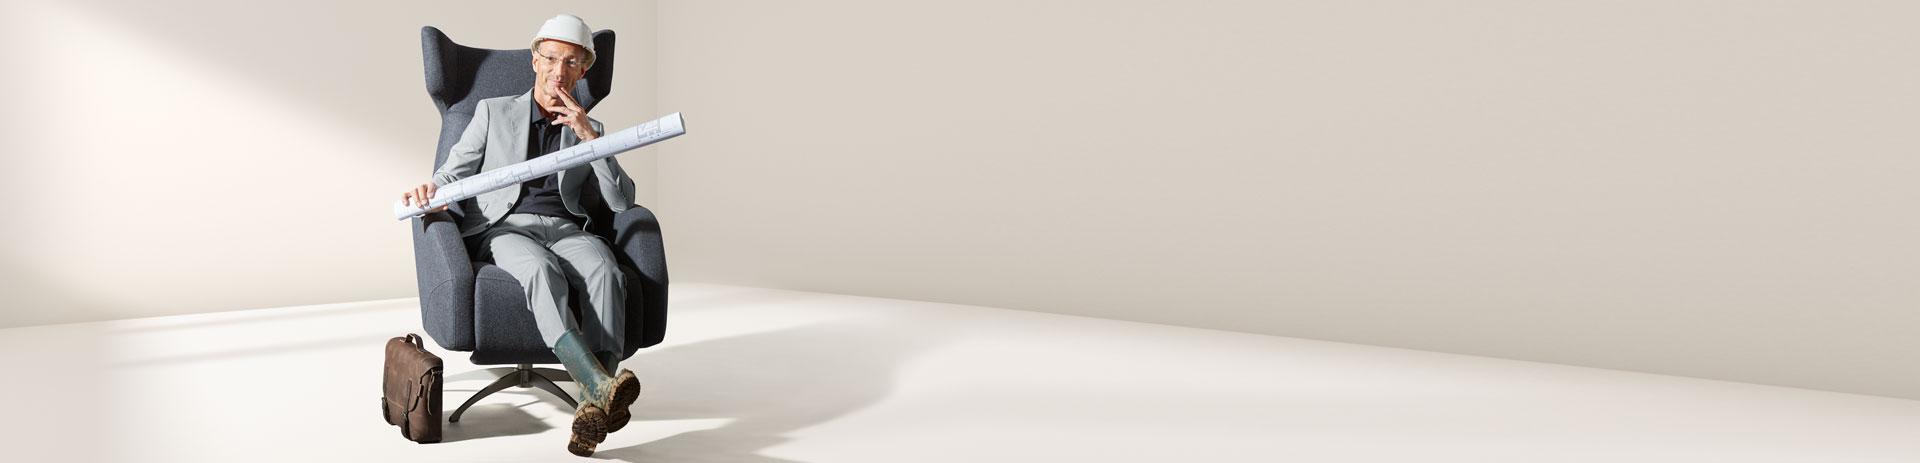 Architekt sitzt in Polstersessel mit Baustellenhelm und Stiefeln